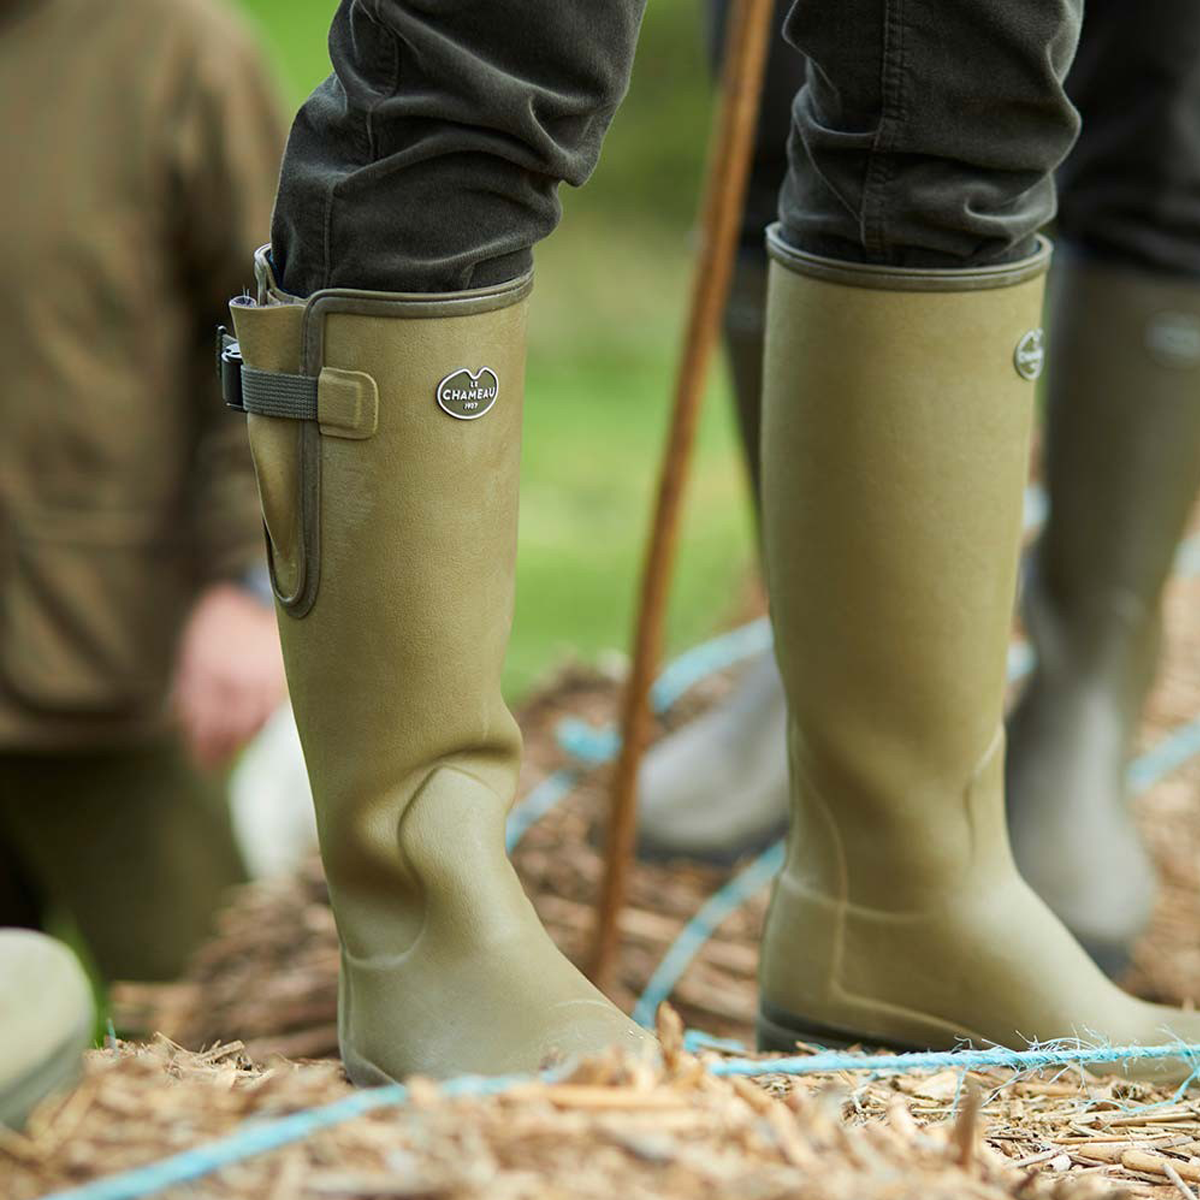 Le Chameau Women's Vierzon Jersey Lined Wellington Boots – Vert Vierzon